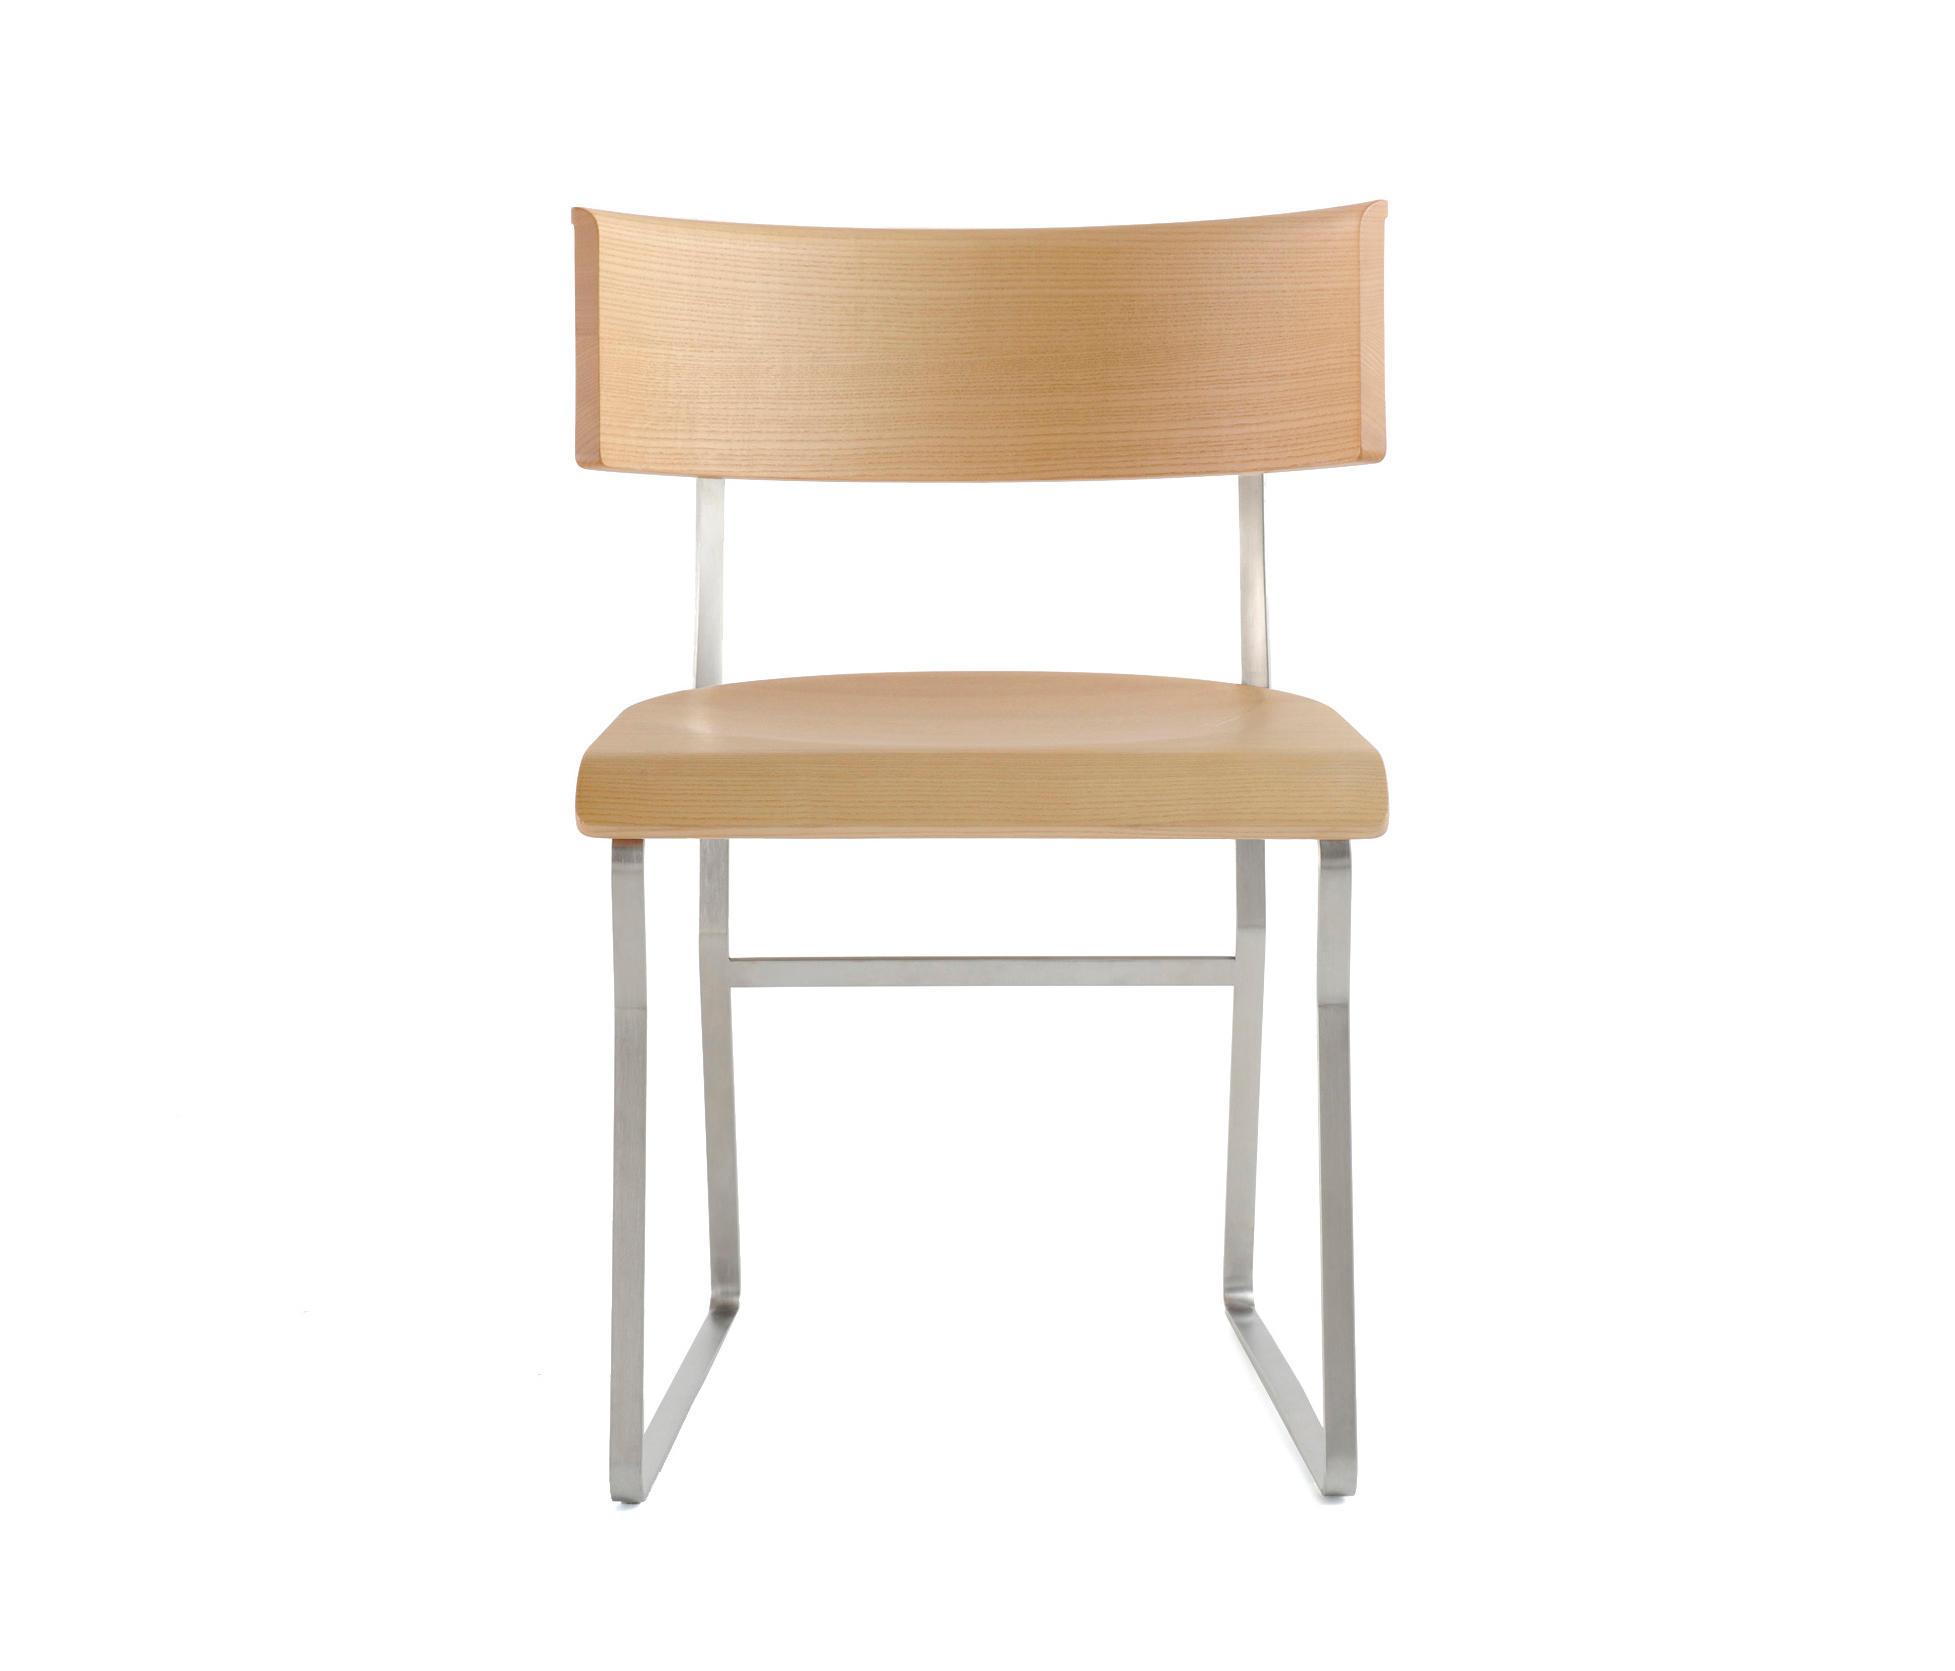 Immagini sedie sedia denise with immagini sedie for Sedia regista ikea